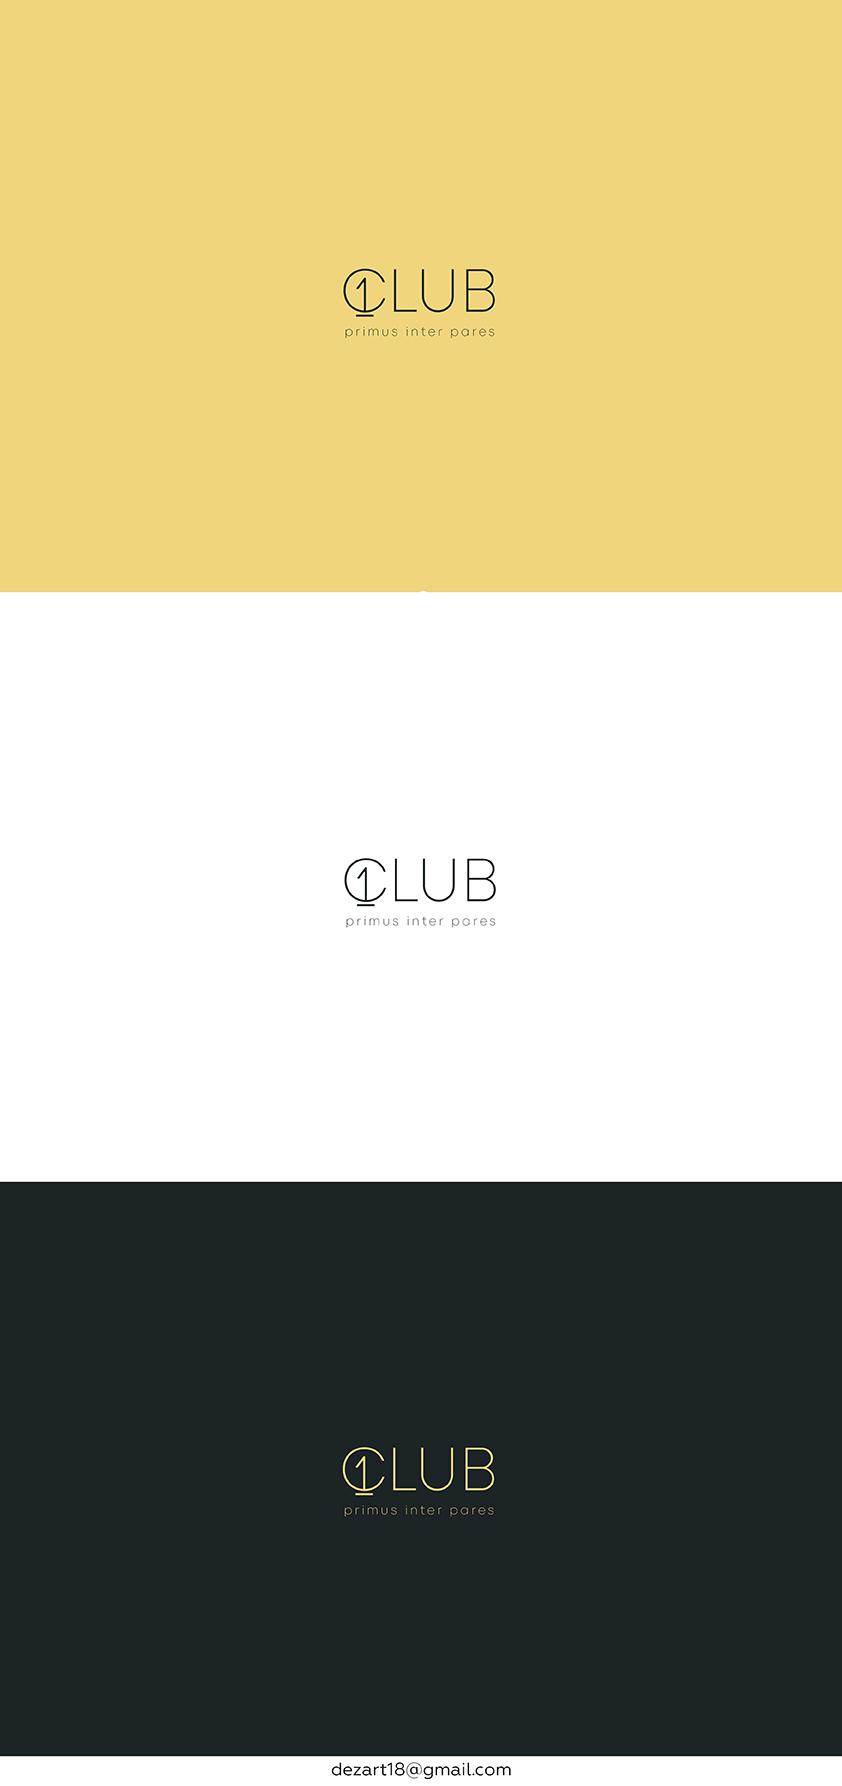 Логотип делового клуба фото f_4105f87f4b072974.jpg